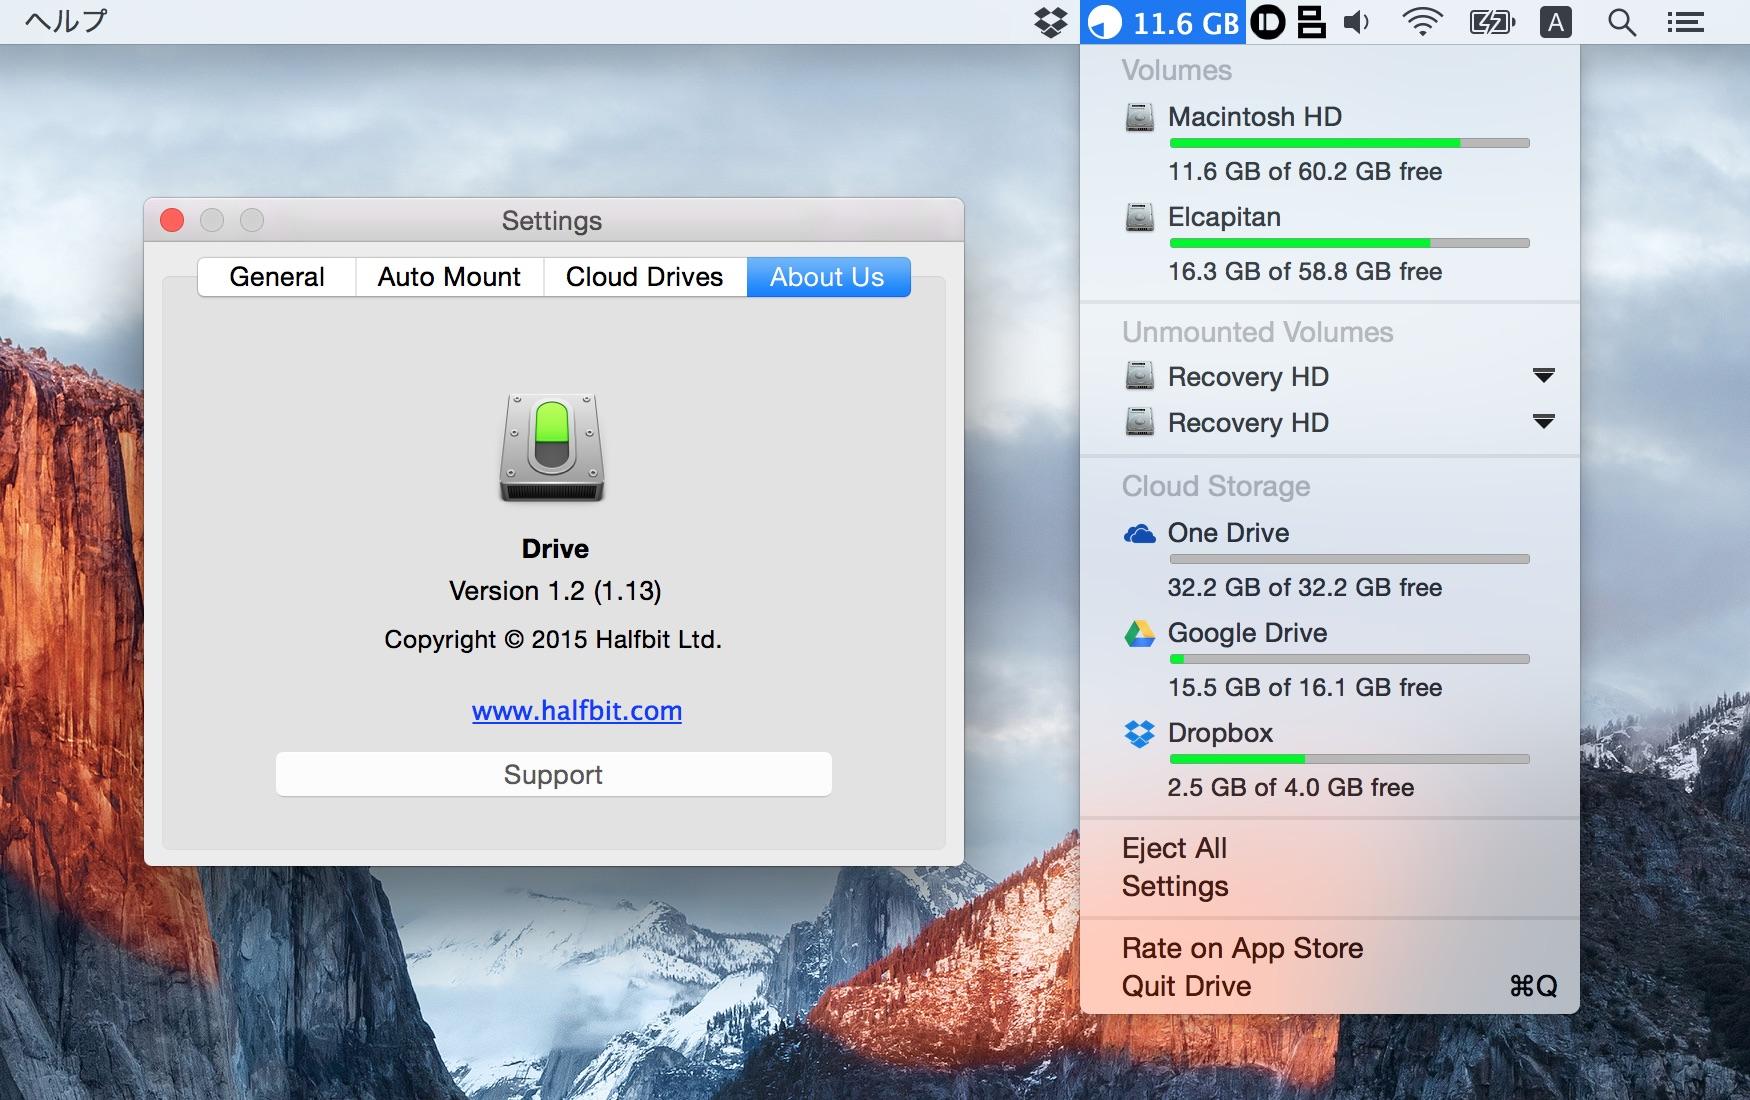 その他 mac ストレージ Mac ストレージ「その他」が異常に多い時に試してみるたった1つの方法